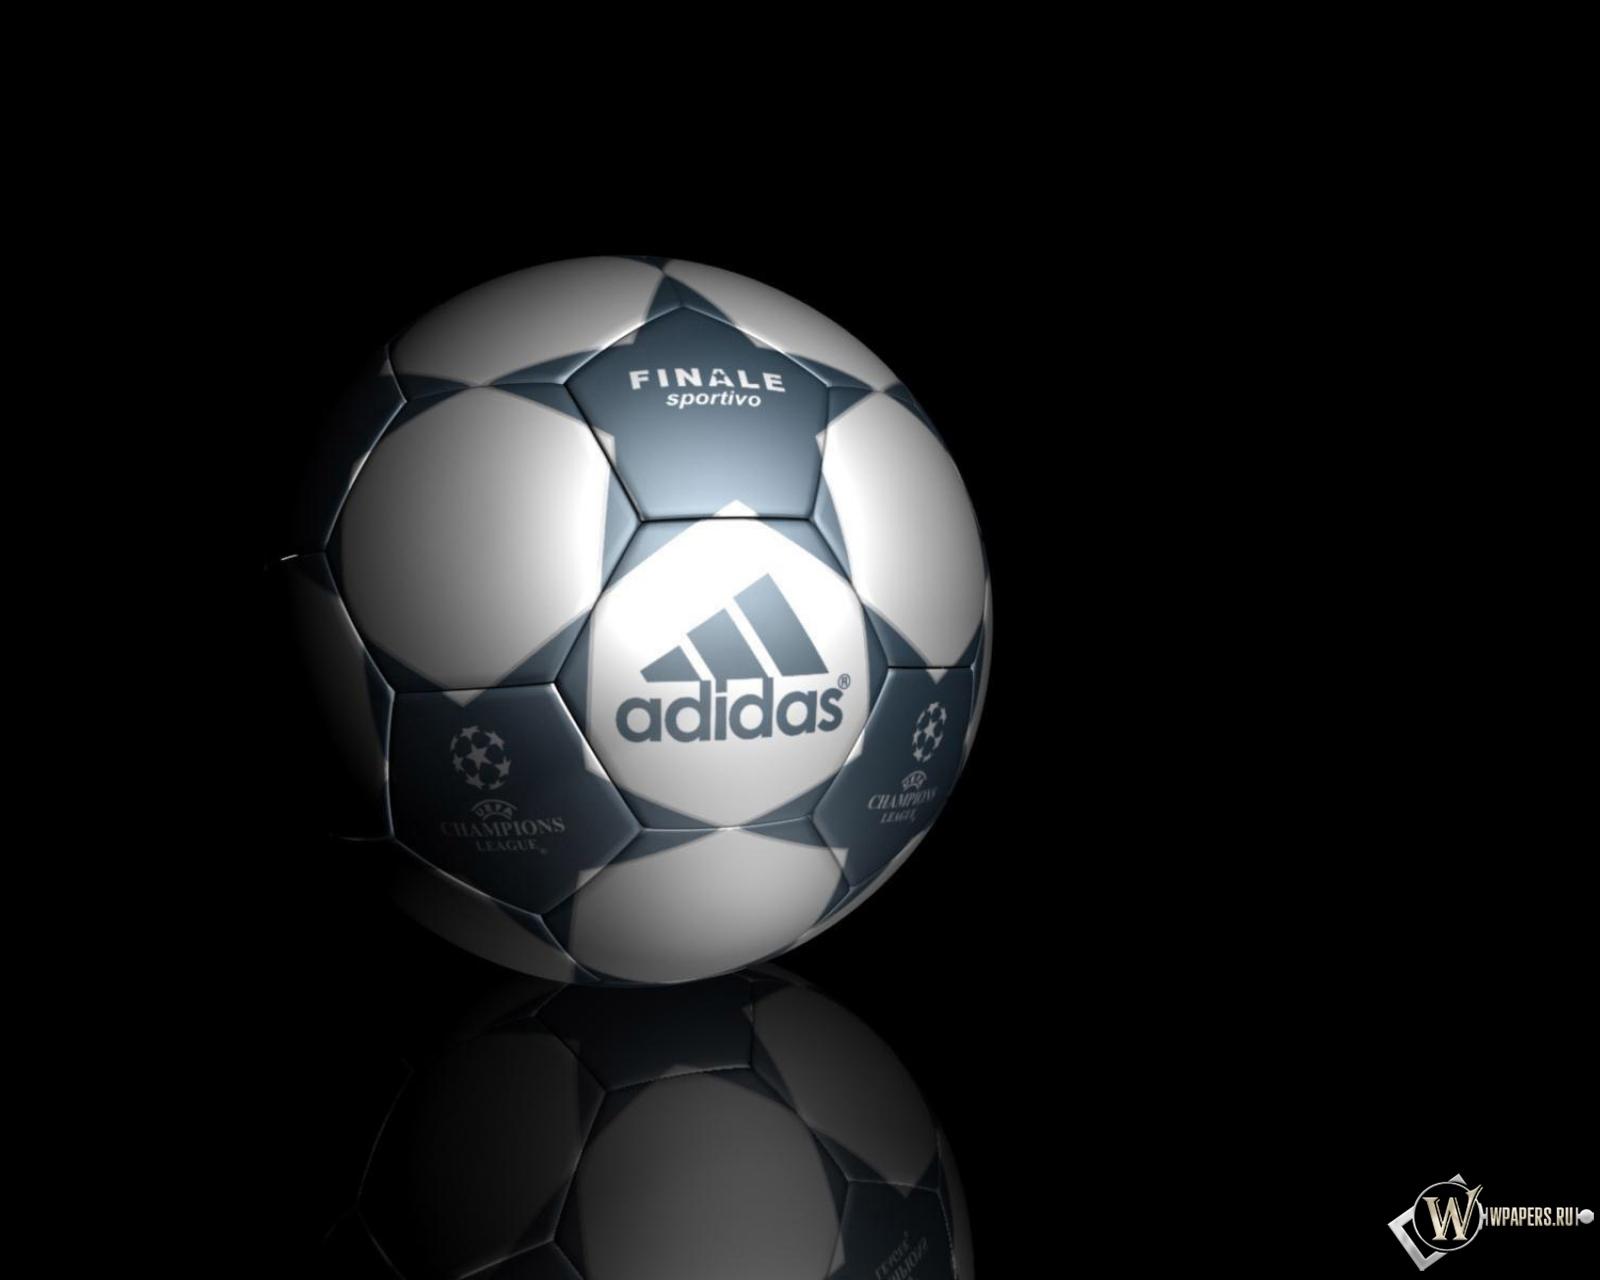 Обои футбольный мяч на рабочий стол с